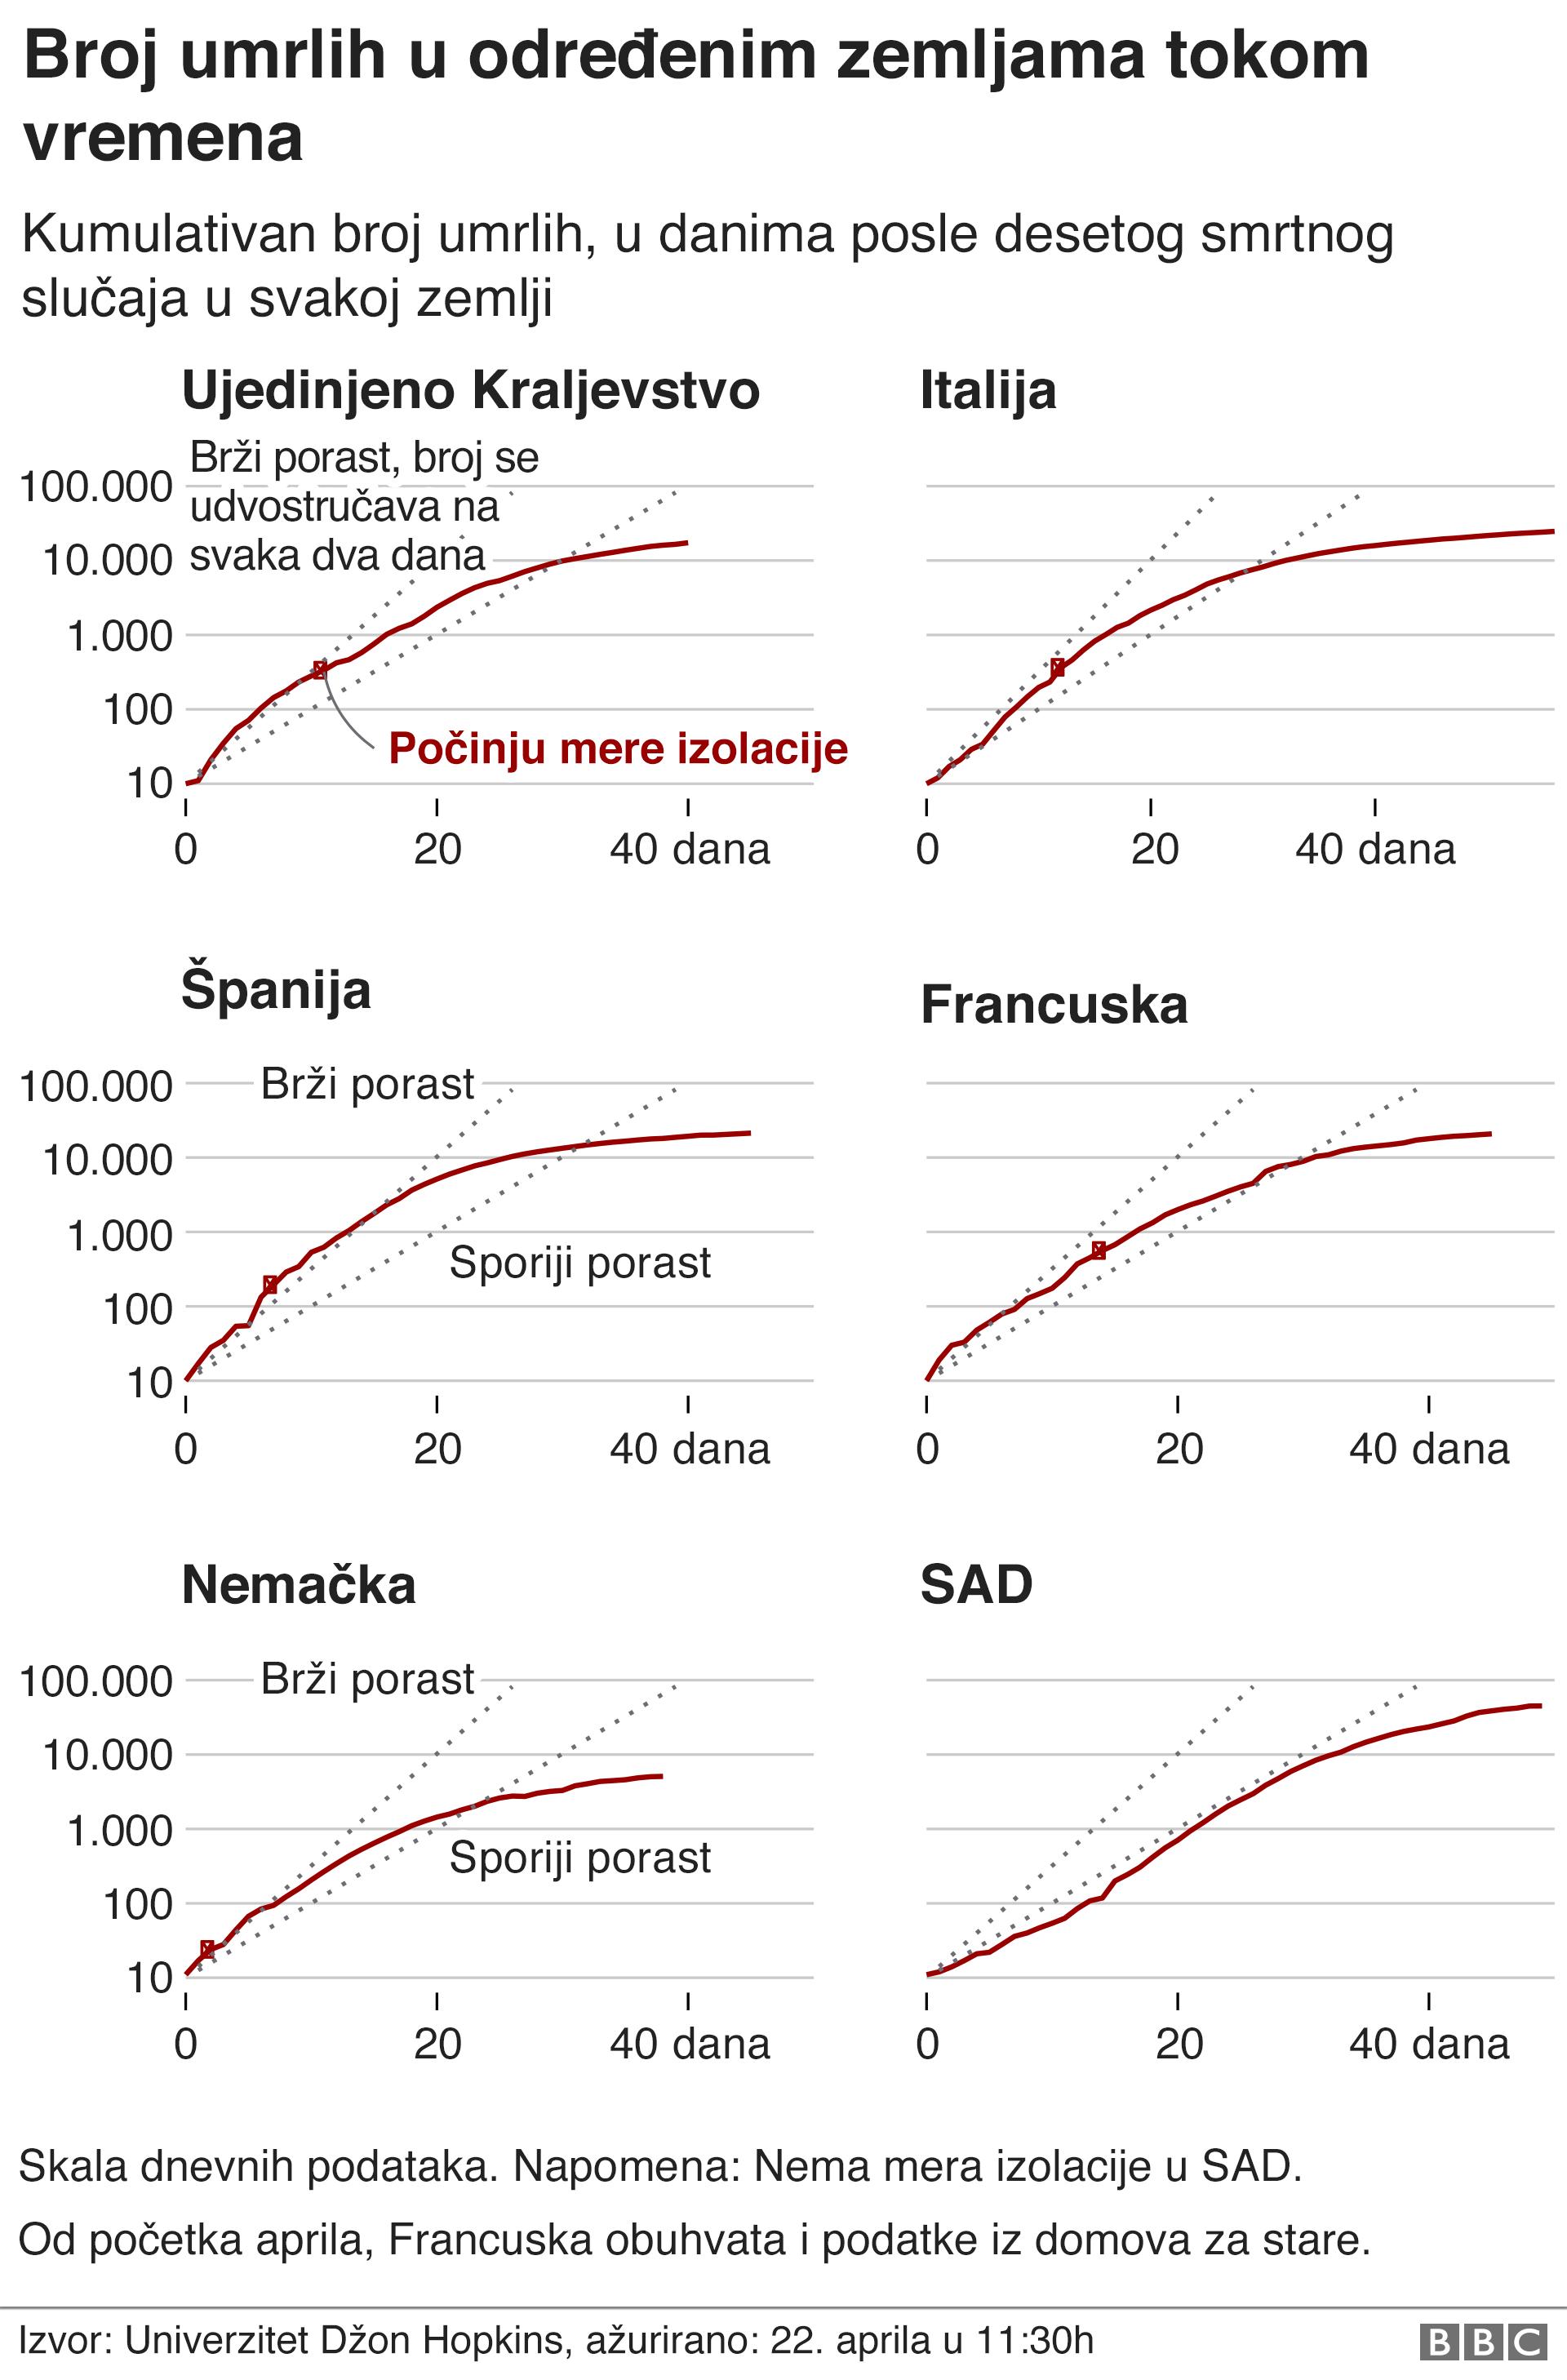 broj umrlih u određenim zemljama